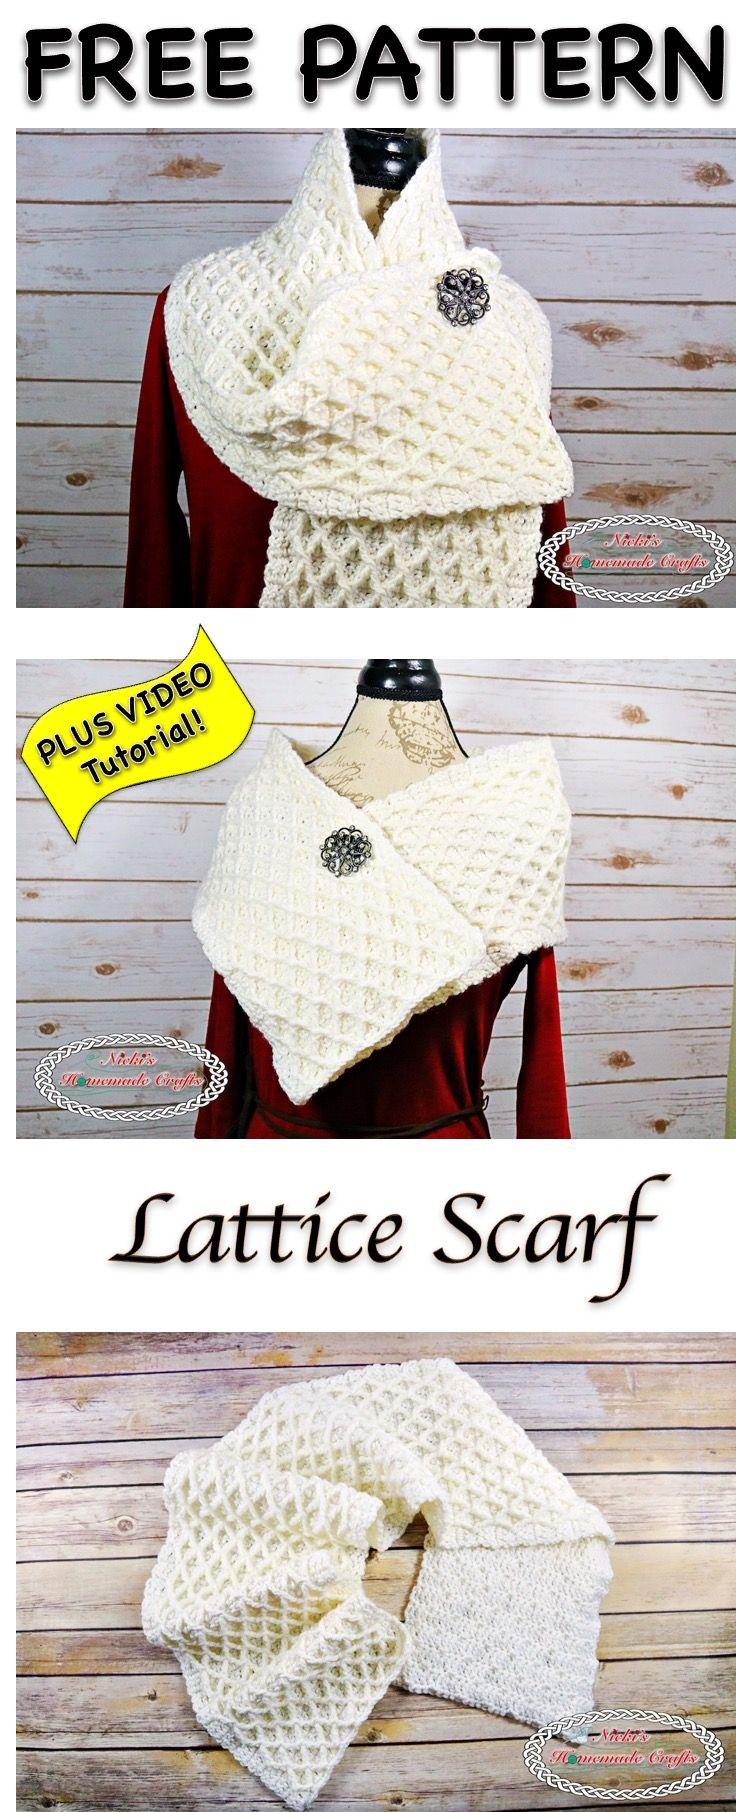 Lattice Scarf - Free Crochet Pattern | Chal, Tejido y Ponchos